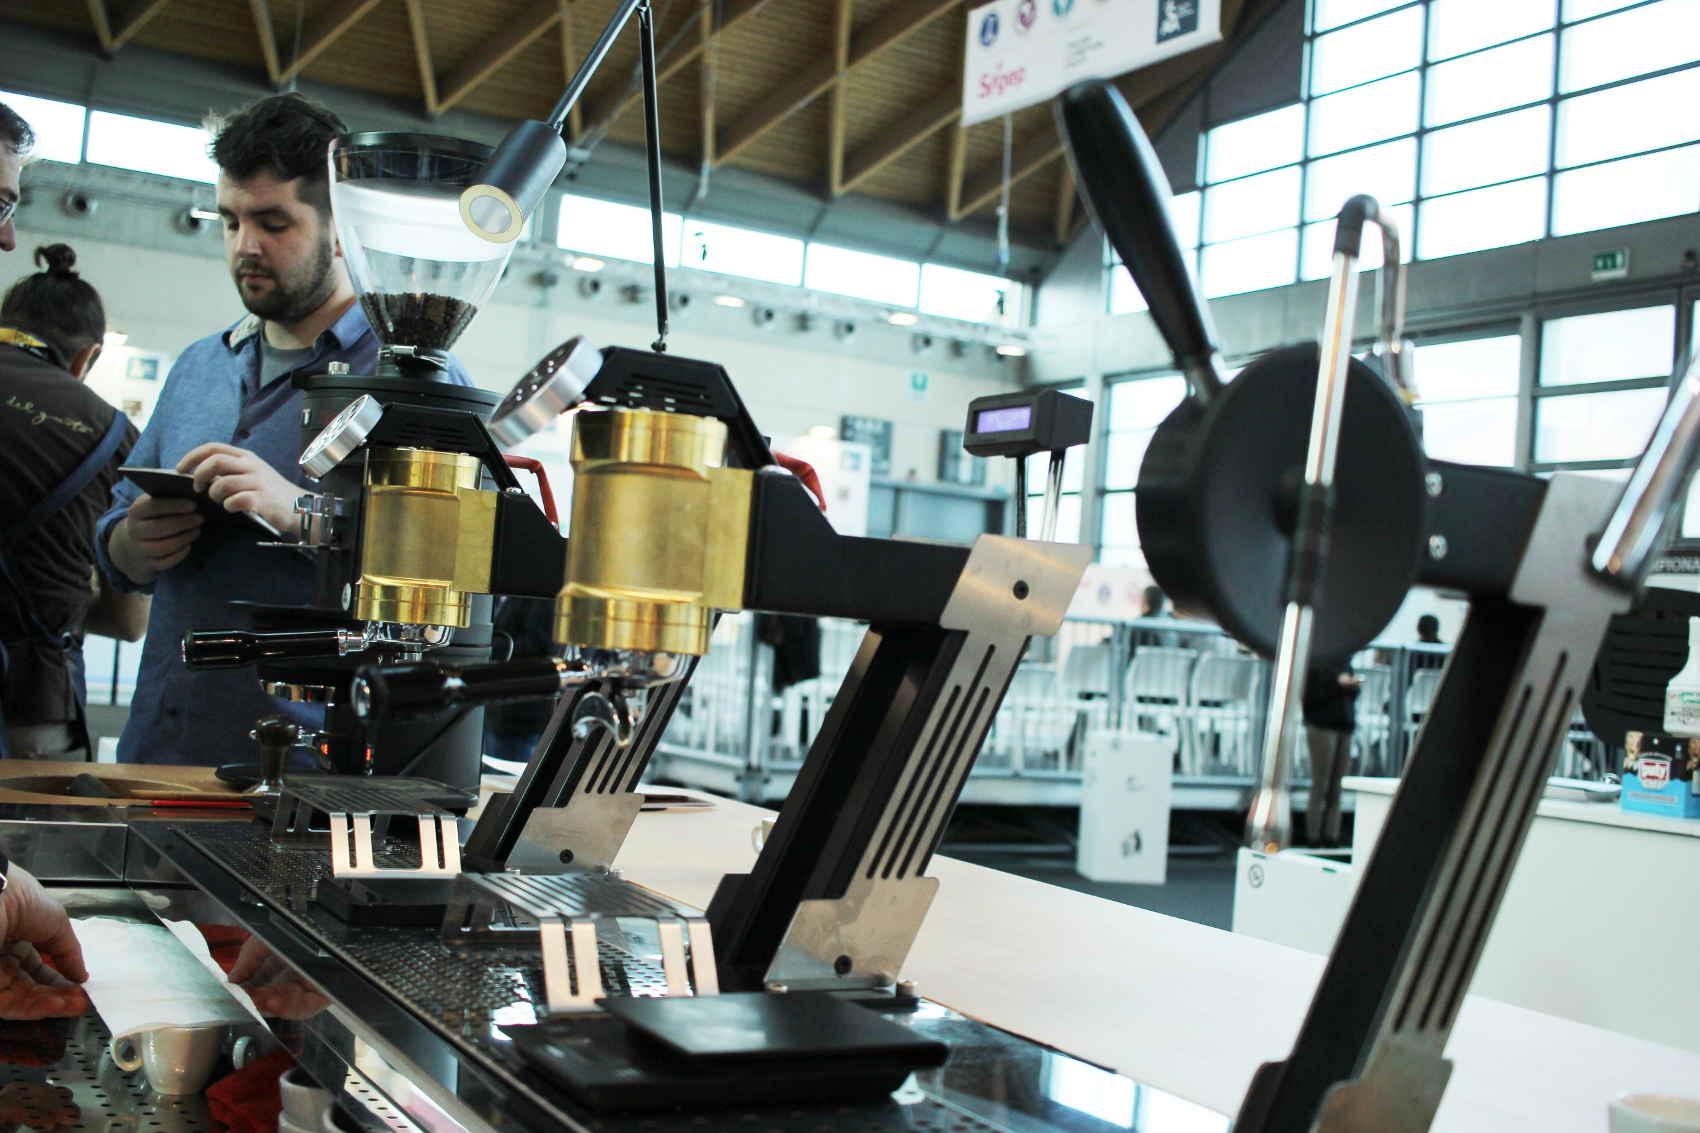 najlepsi espresso kavovar talianska kava